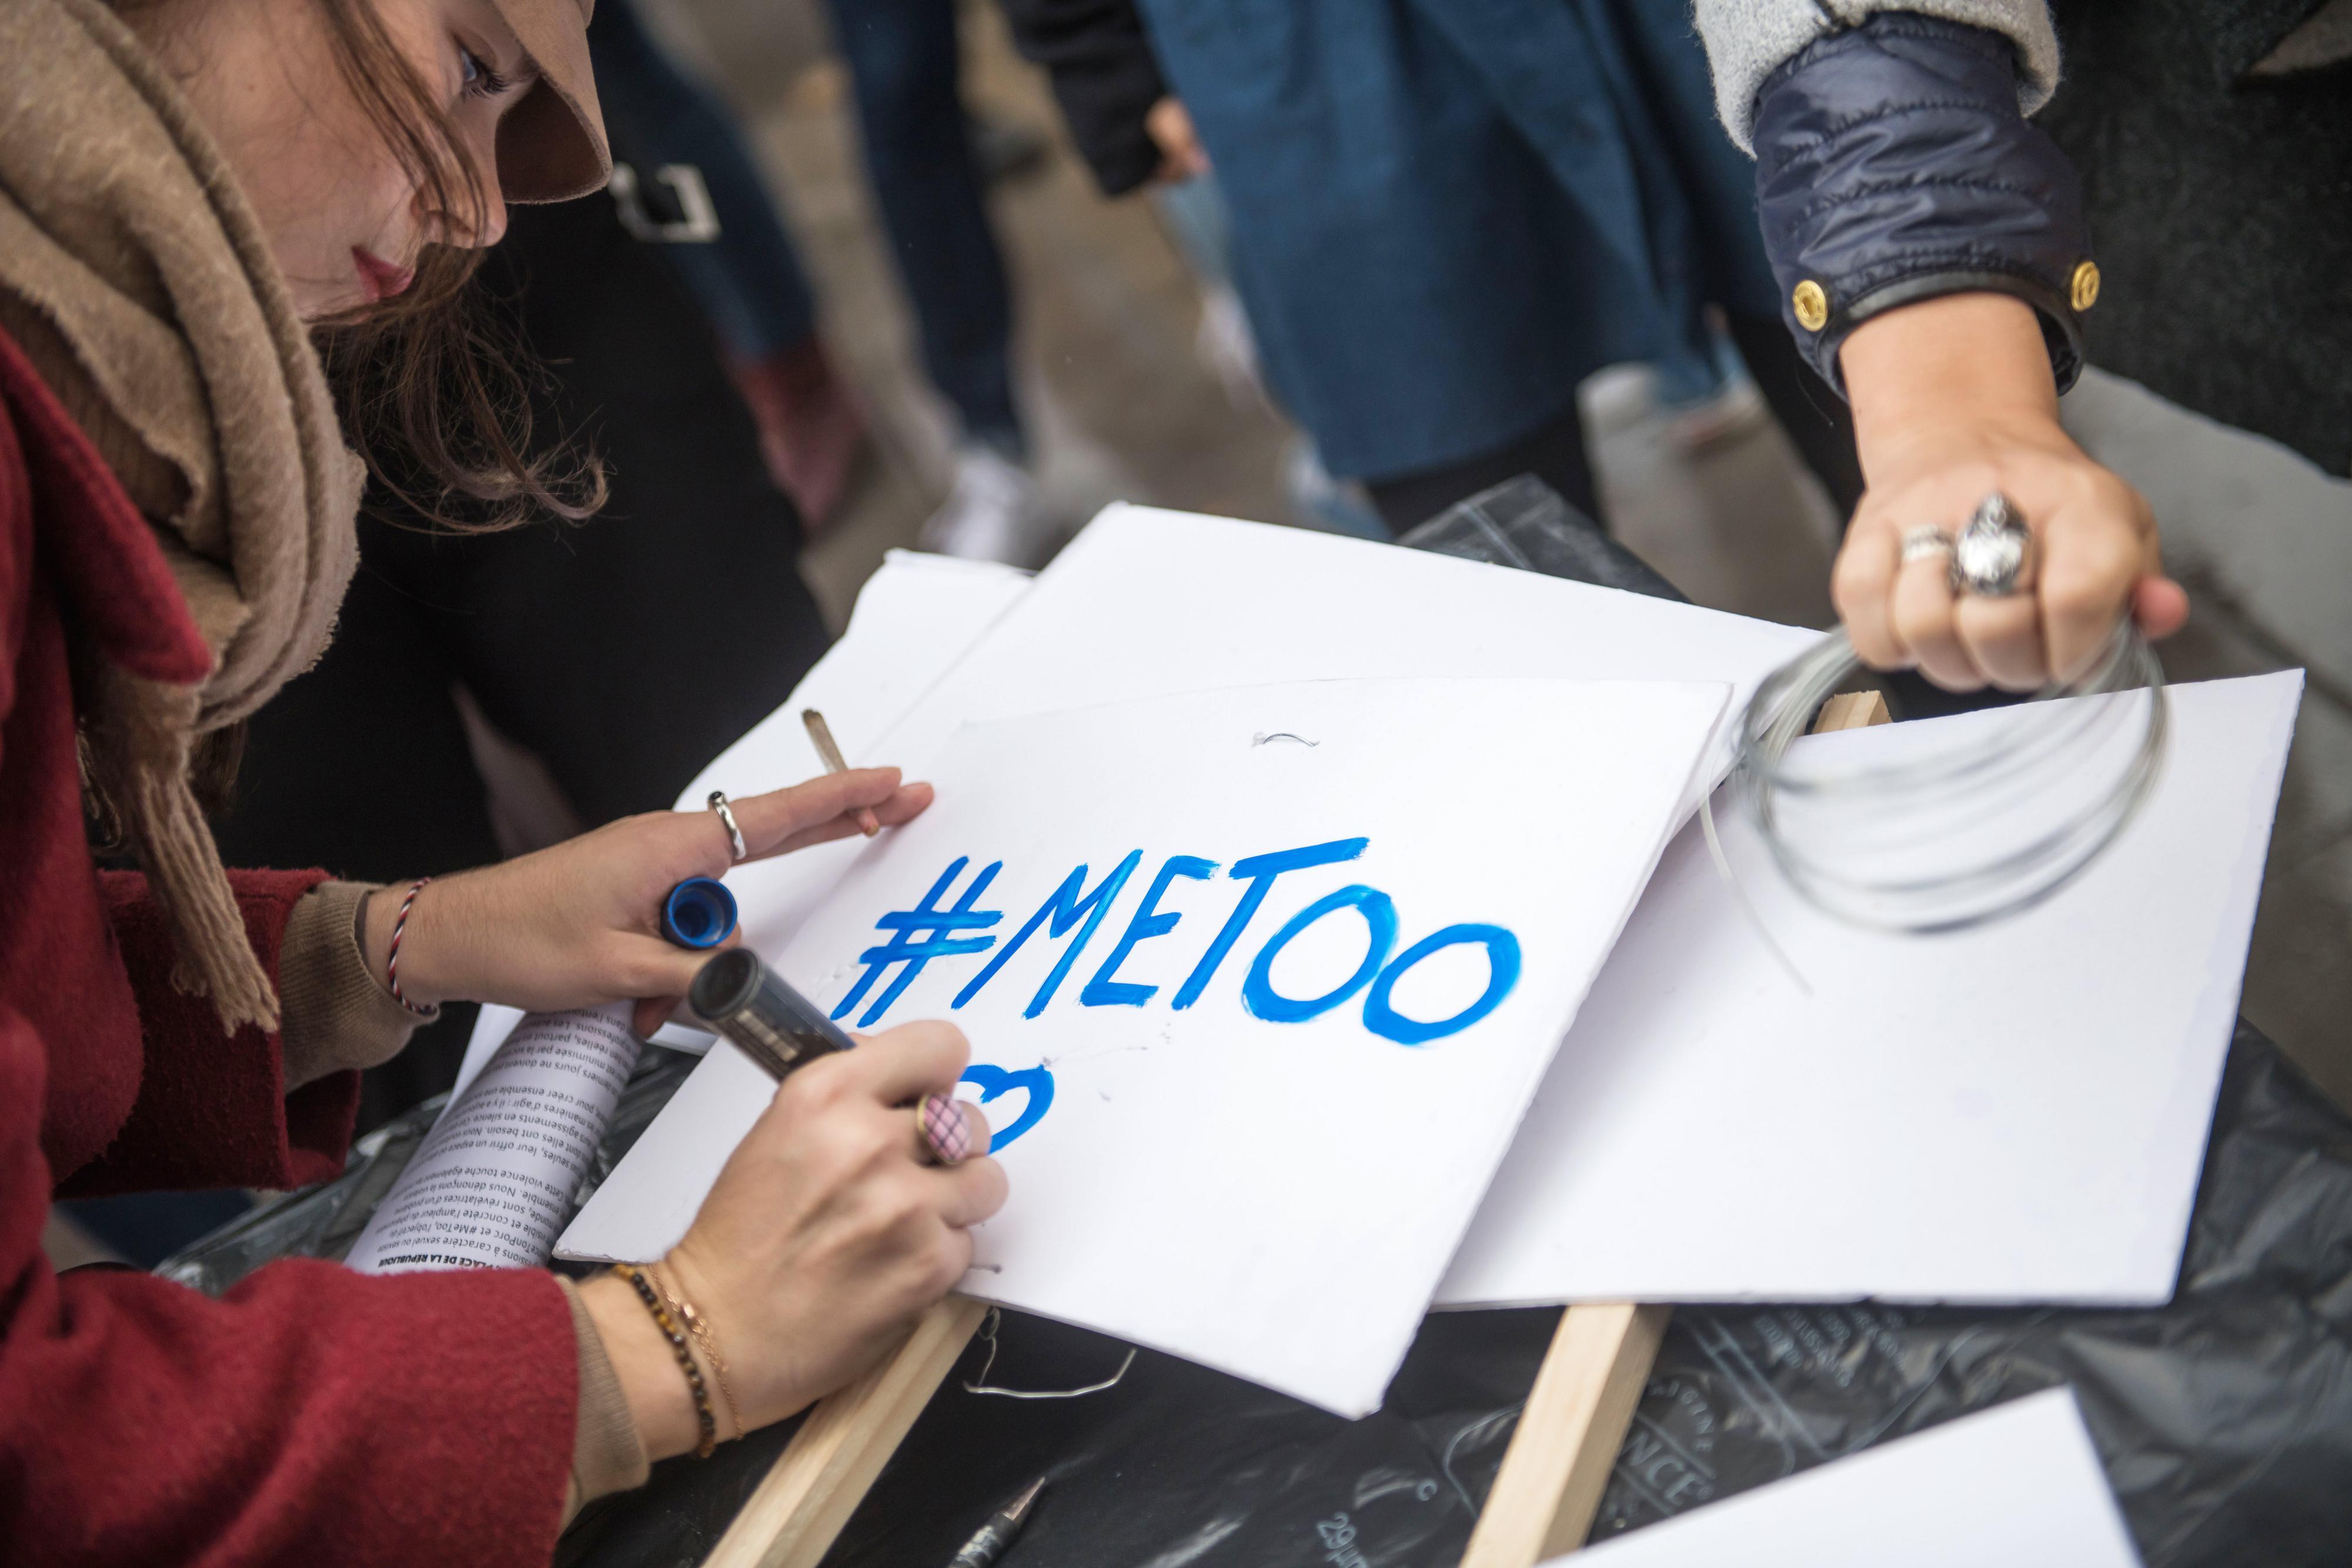 Een vrouw schrijft de #MeToo-slogan op een bord tijdens een protestactie in Parijs, Frankrijk. Foto: EPA   Christophe Petit Tesson